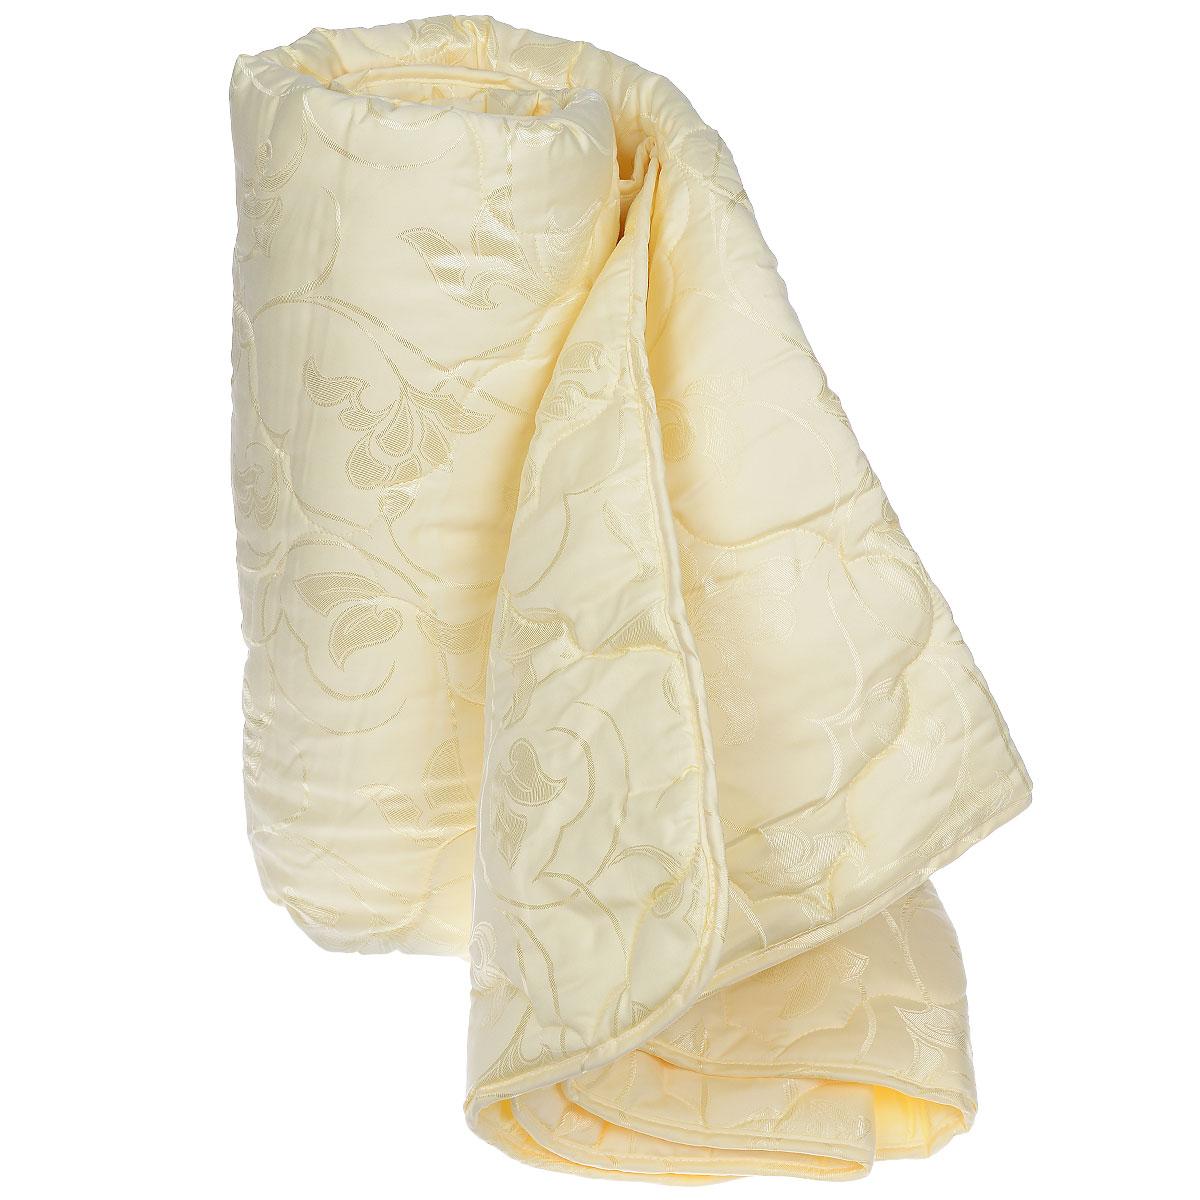 Одеяло Sova & Javoronok, наполнитель: шелковое волокно, цвет: бежевый, 140 см х 205 см5030116080Чехол одеяла Sova & Javoronok выполнен из благородного сатина бежевого цвета. Наполнитель - натуральное шелковое волокно.Особенности наполнителя: - обладает высокими сорбционными свойствами, создавая эффект сухого тепла; - регулирует температурный режим; - не вызывает аллергических реакций. Шелк всегда считался одним из самых элитных и роскошных материалов. Очень нежный, легкий, шелк отлично приспосабливается к температуре тела и окружающей среды. Летом с подушкой из шелка вы чувствуете прохладу, зимой - приятное тепло. В натуральном шелке не заводится и не живет пылевой клещ, также шелк обладает бактериостатическими свойствами (в нем не размножаются патогенные бактерии), в нем не живут и не размножаются грибки и сапрофиты. Натуральный шелк гипоаллергенен и рекомендован людям с аллергическими реакциями. При впитывании шелком влаги до 30% от собственного веса он остается сухим на ощупь. Натуральный шелк не электризуется. Одеяло Sova & Javoronok упакована в тканно-пластиковый чехол на змейке с ручками, что является чрезвычайно удобным при переноске.Рекомендации по уходу:- Стирка запрещена,- Нельзя отбеливать. При стирке не использовать средства, содержащие отбеливатели (хлор),- Не гладить. Не применять обработку паром,- Химчистка с использованием углеводорода, хлорного этилена,- Нельзя выжимать и сушить в стиральной машине. Размер одеяла: 140 см х 205 см.Материал чехла: сатин (100% хлопок). Материал наполнителя: шелковое волокно.